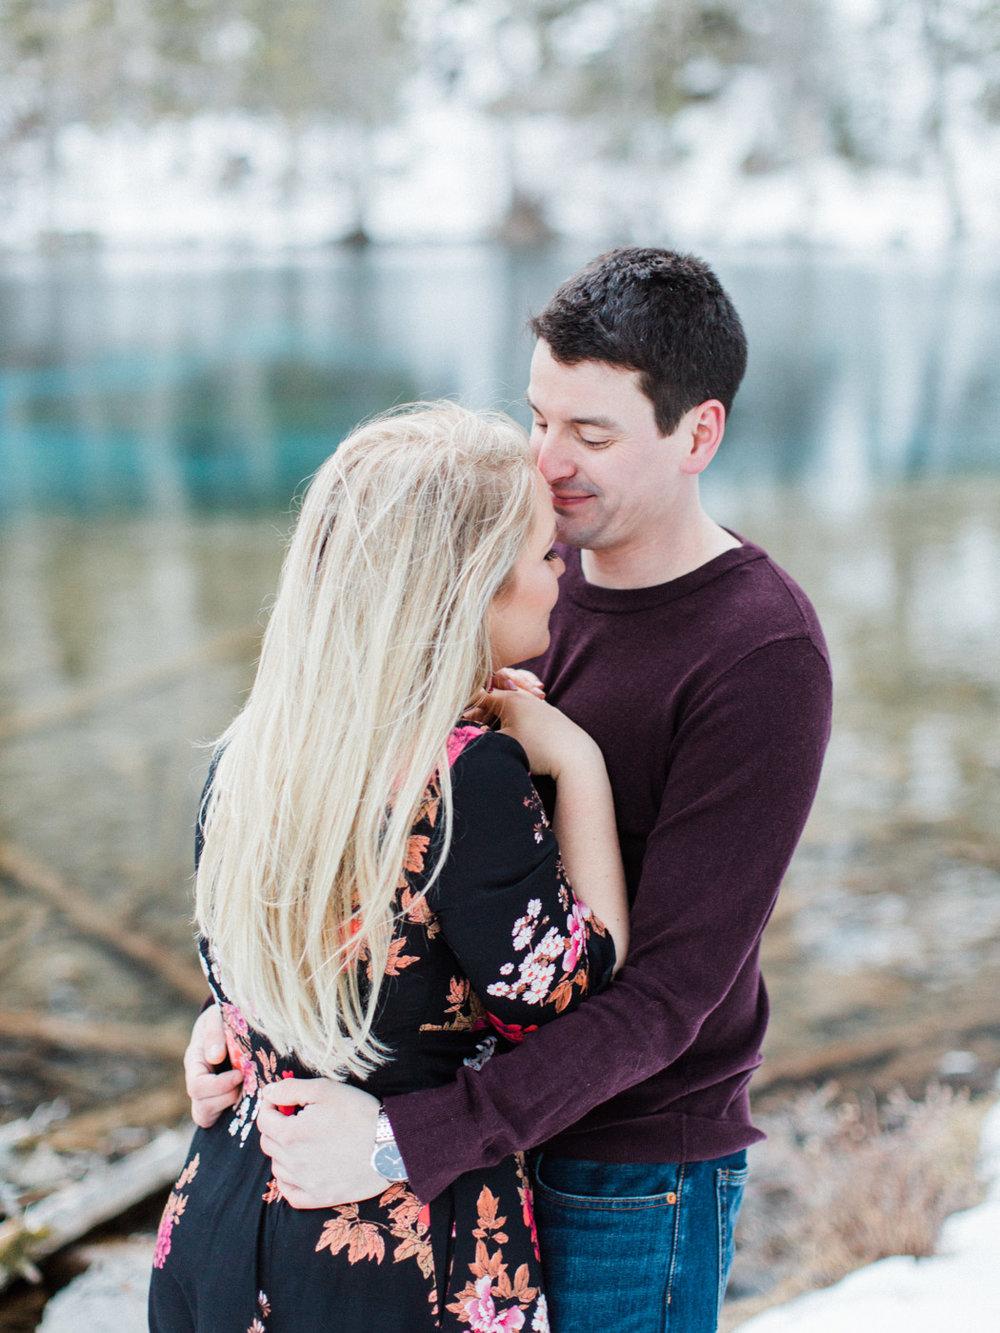 destination-engagement-photographer-adventurous-mountain-couples-session-28.jpg